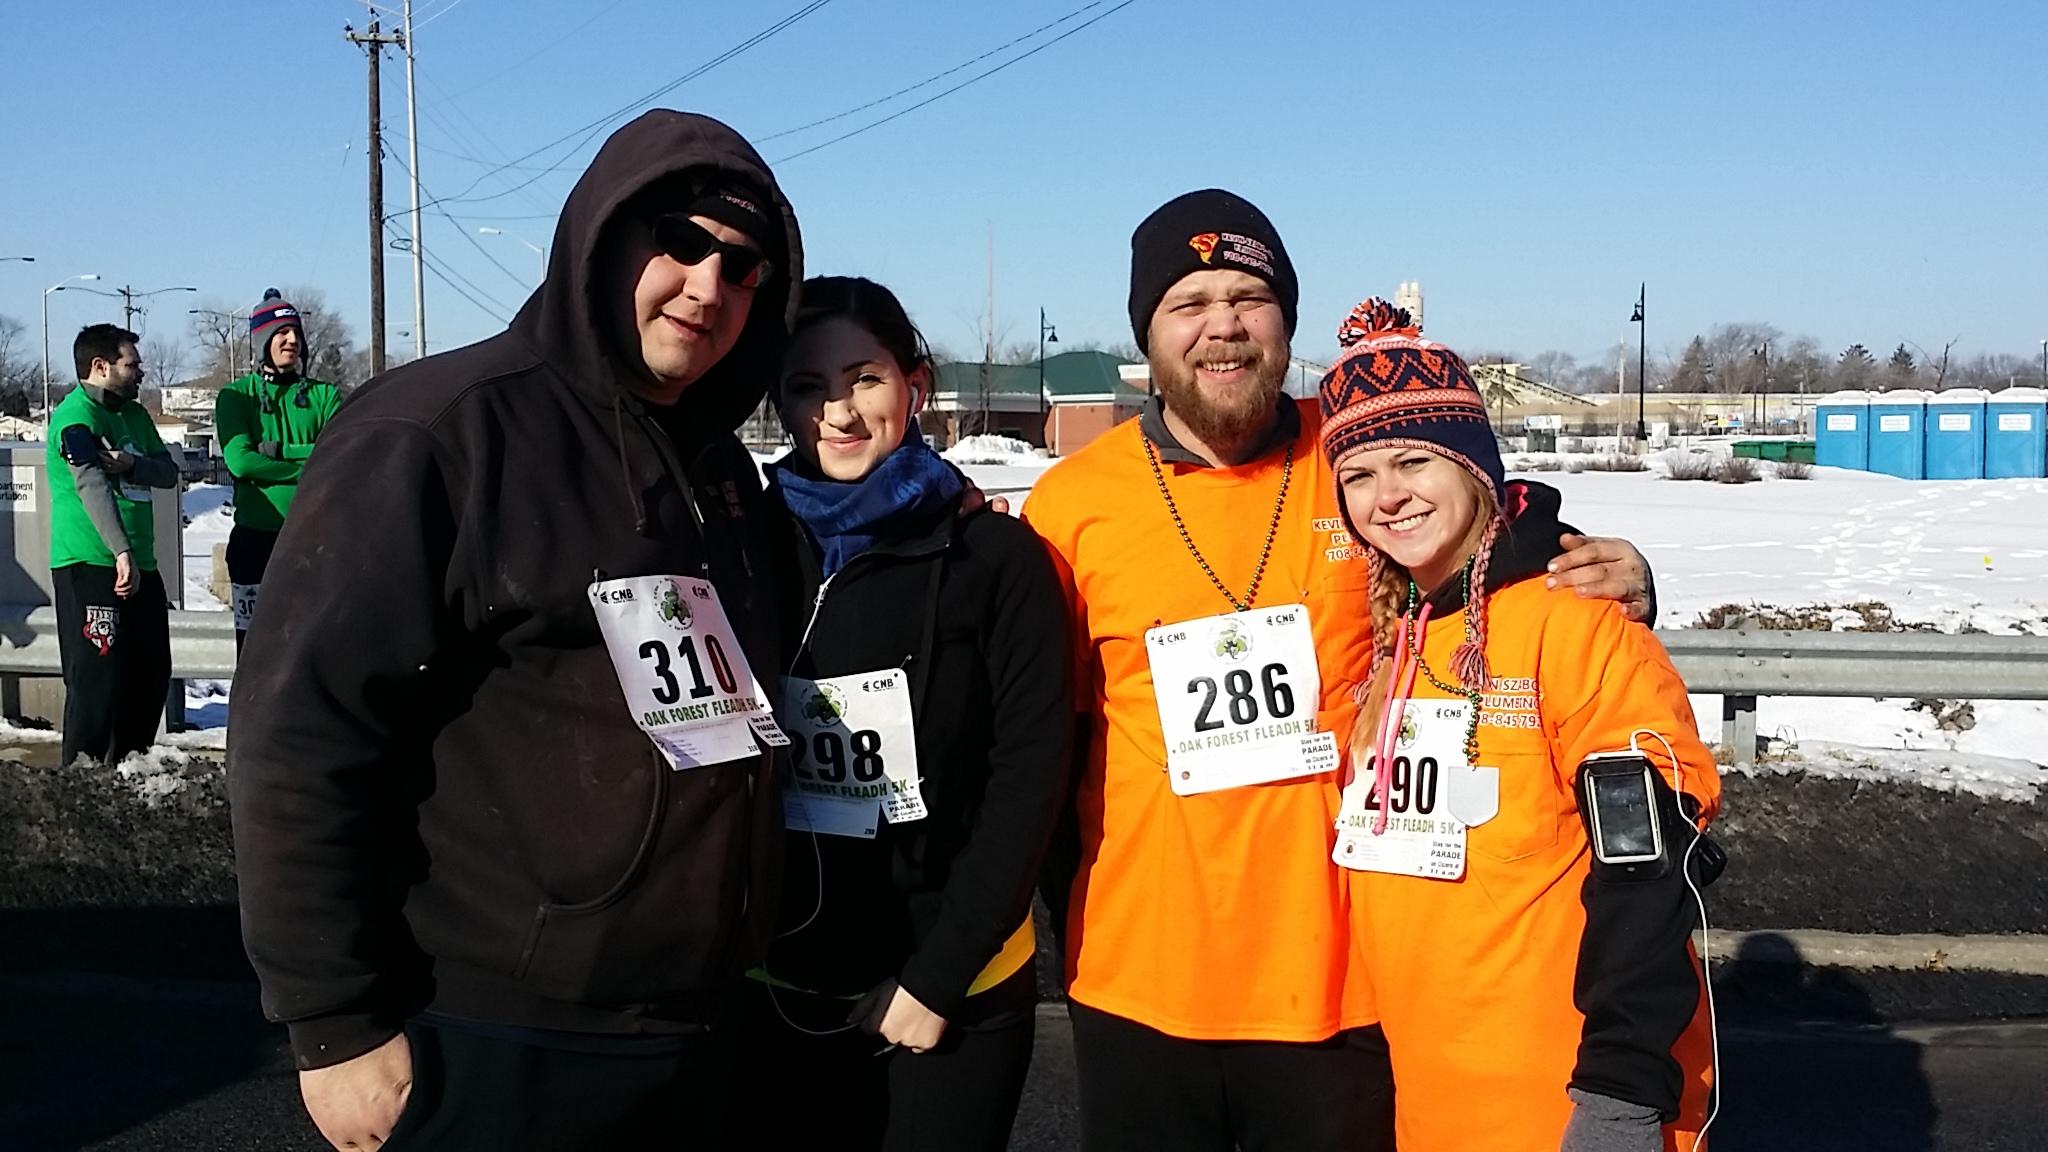 Oak Forest 5K Run